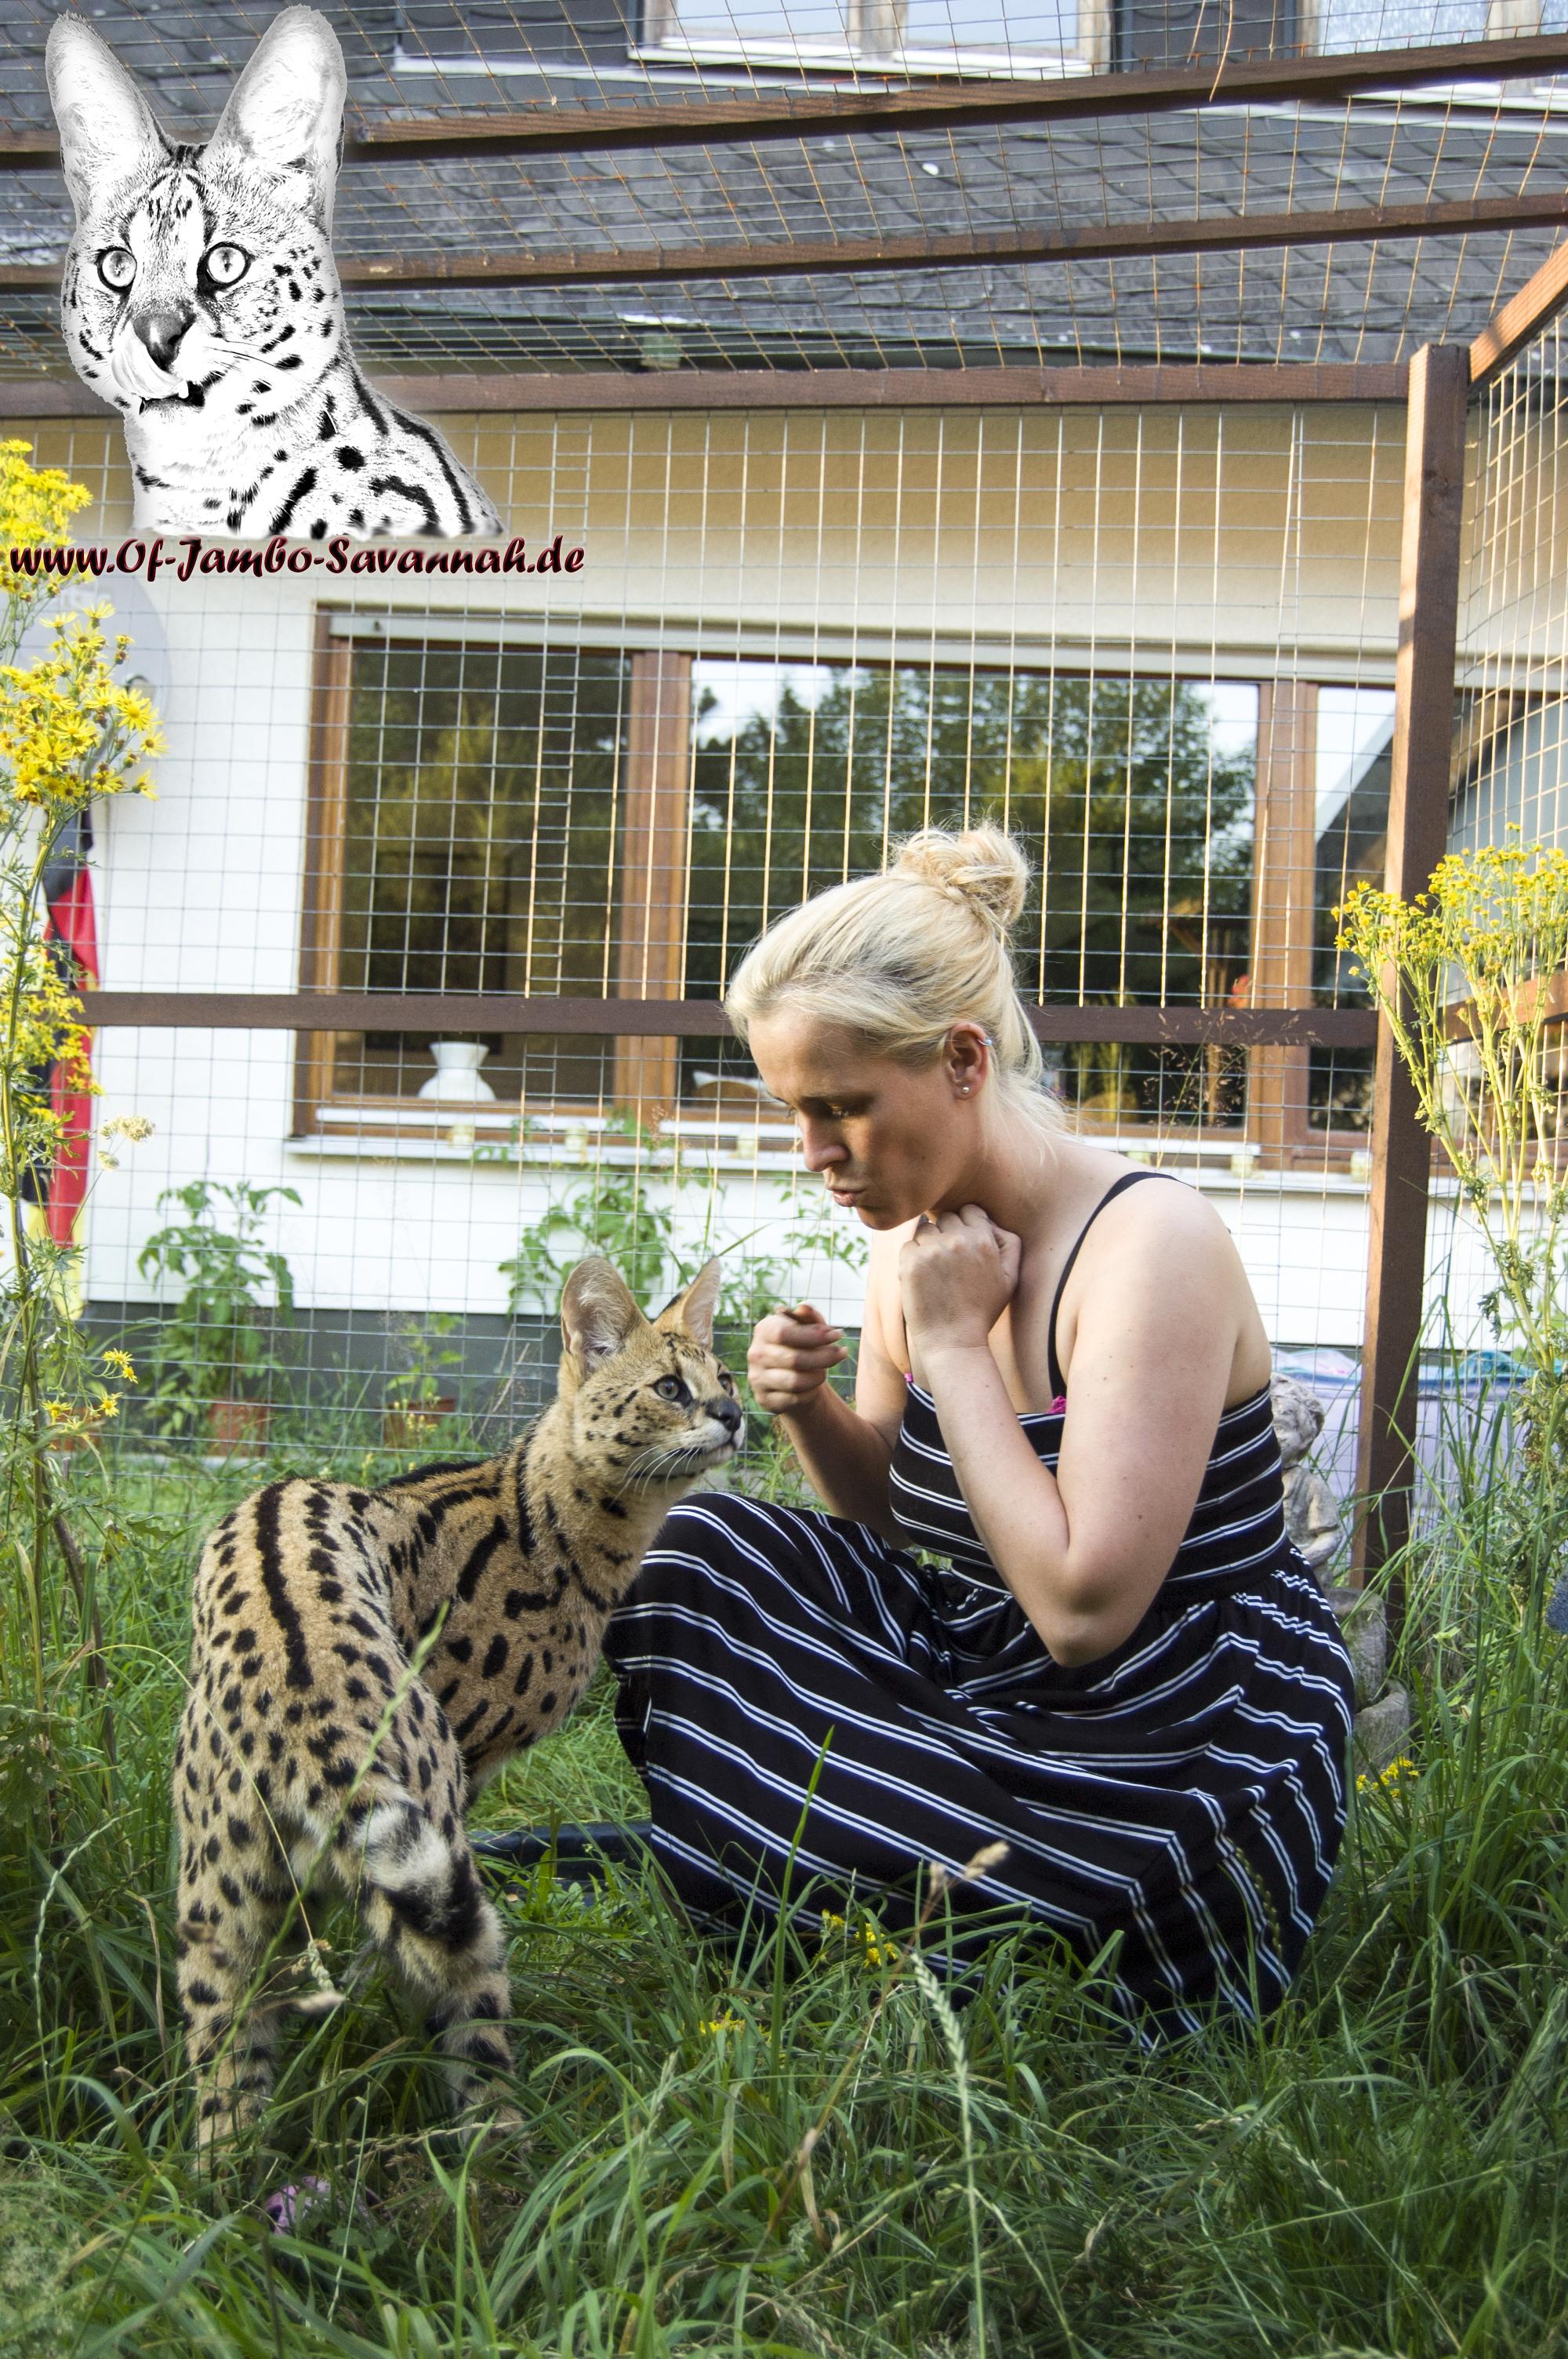 """Angela Hönig mit Ihrem Serval """"Thor"""". Der Ist der Stolz der Savannahzucht """"Of Jambo Savannah"""""""